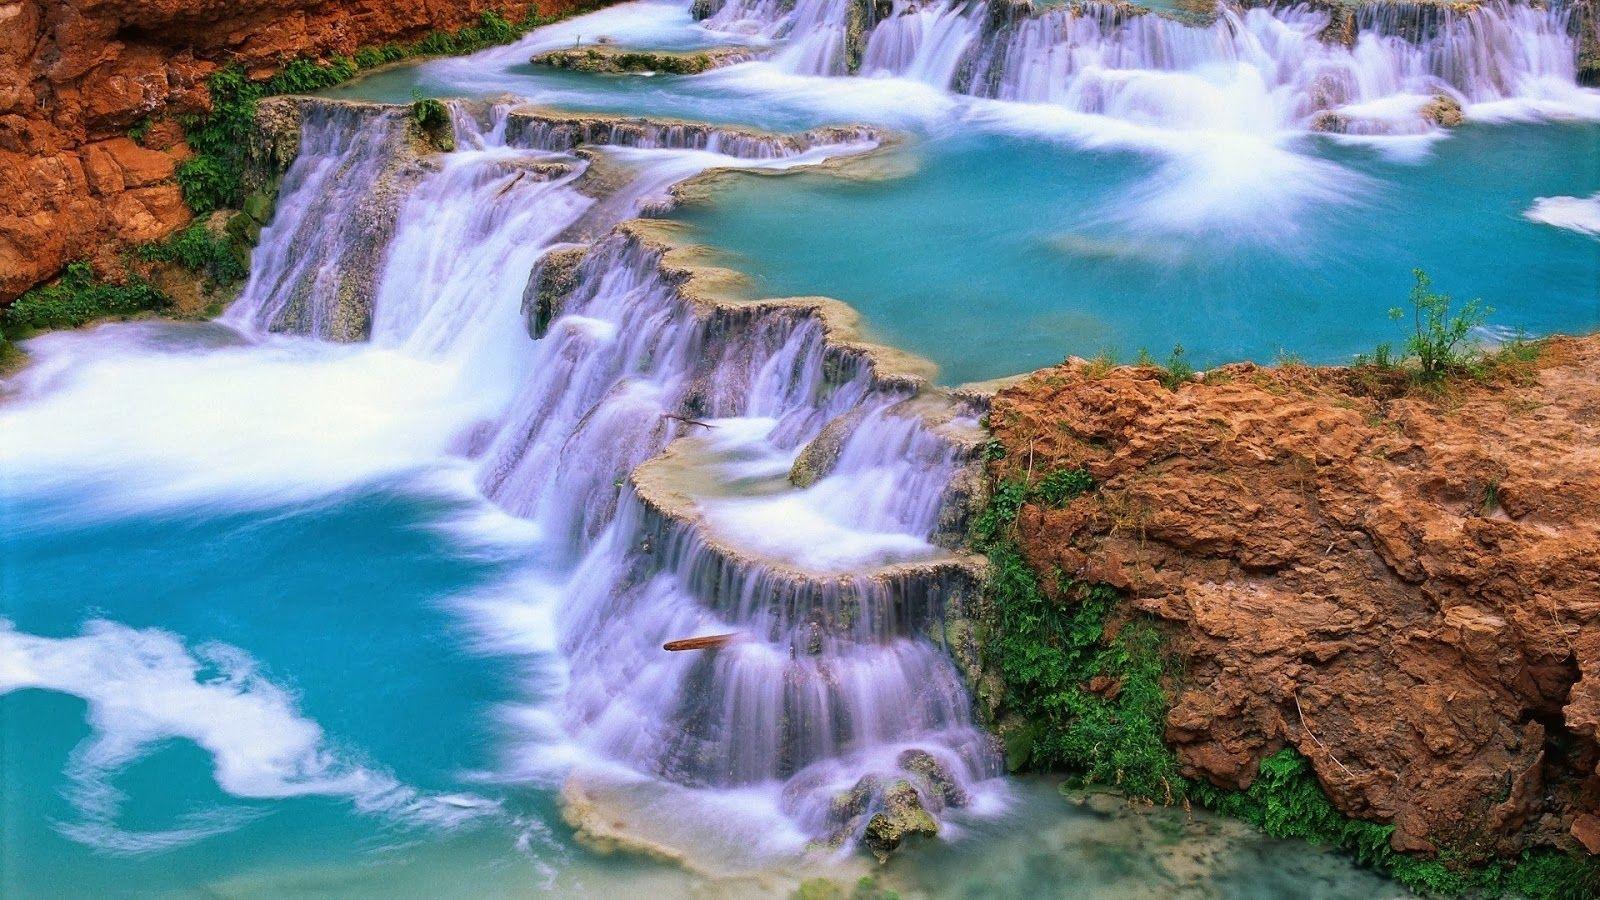 Hình ảnh thác nước hùng vĩ, xanh biếc